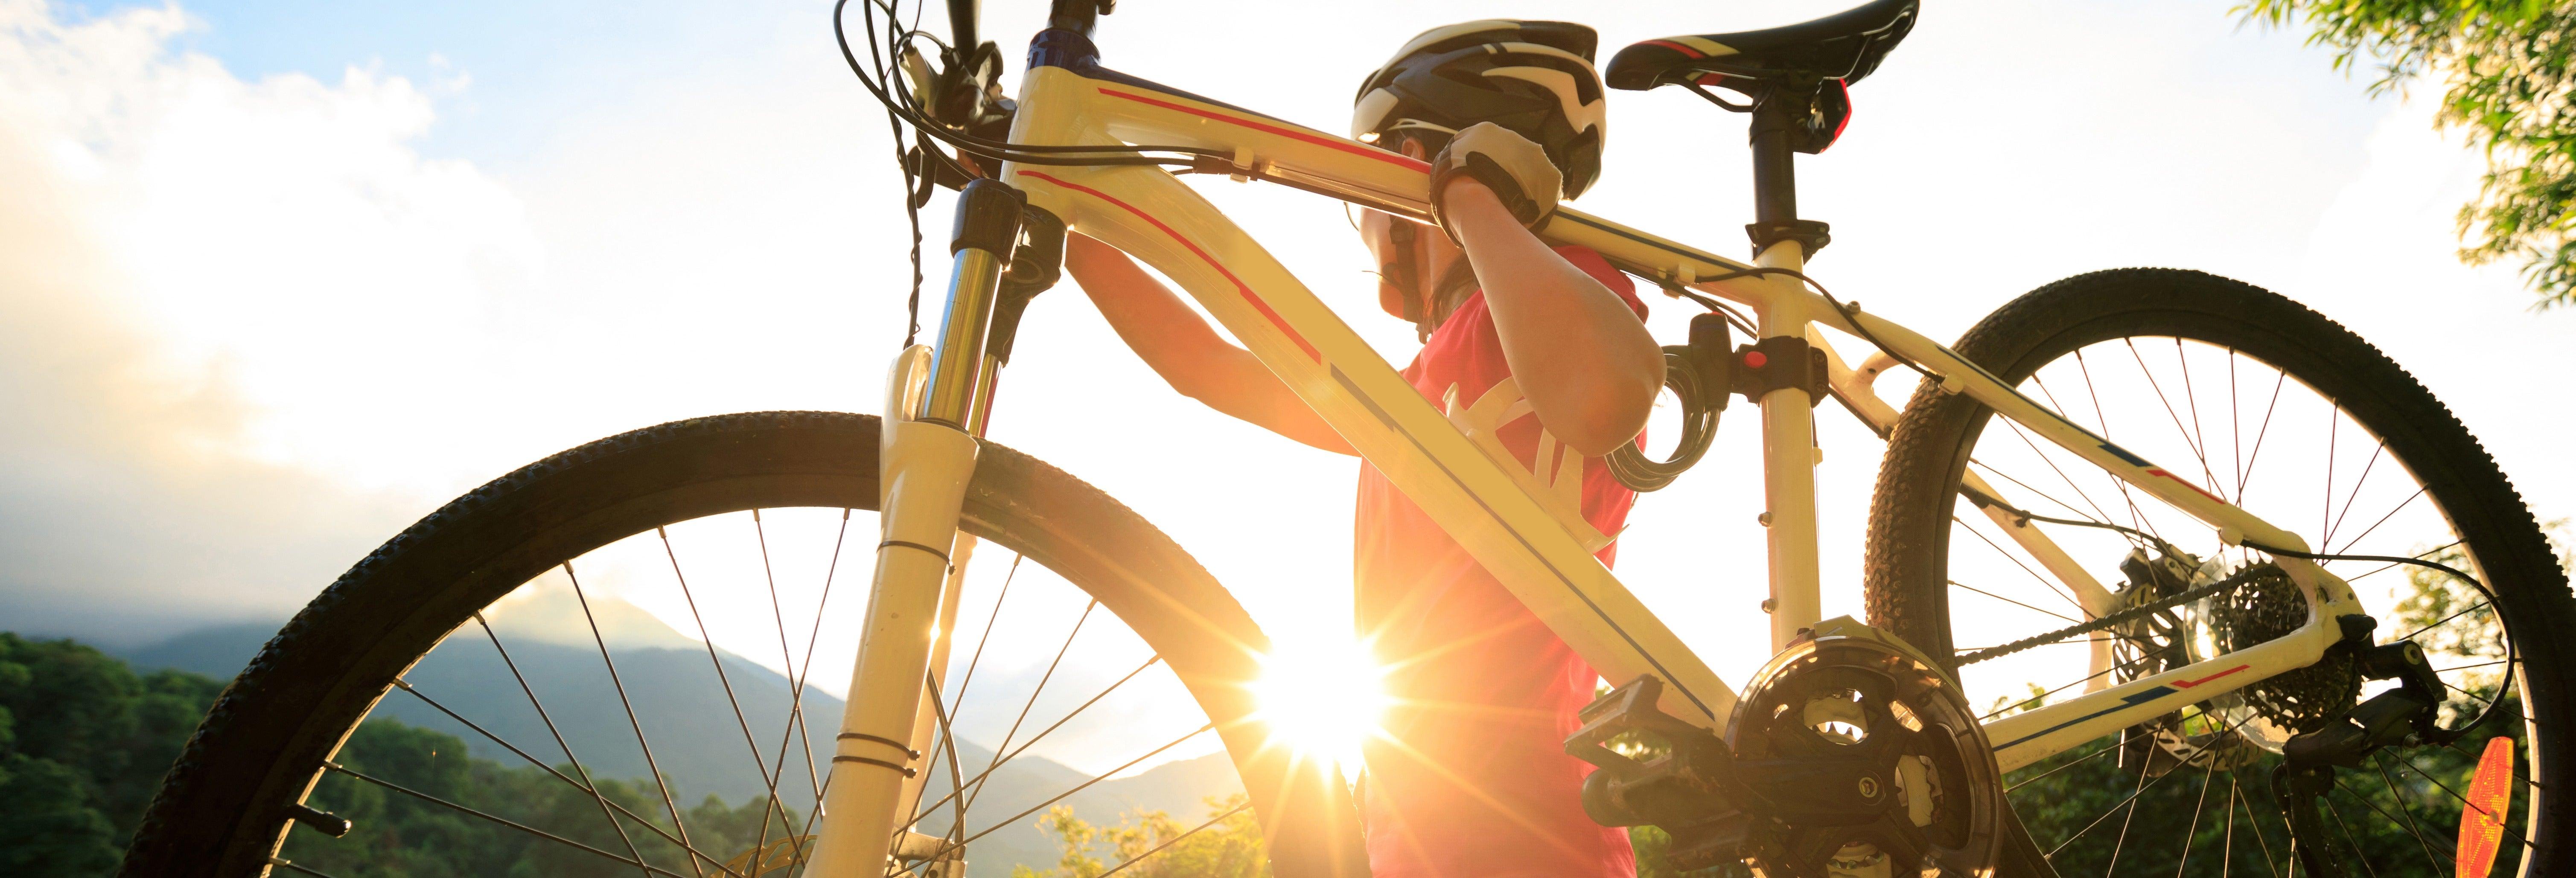 Tour en bicicleta por el Parque Nacional Iguazú